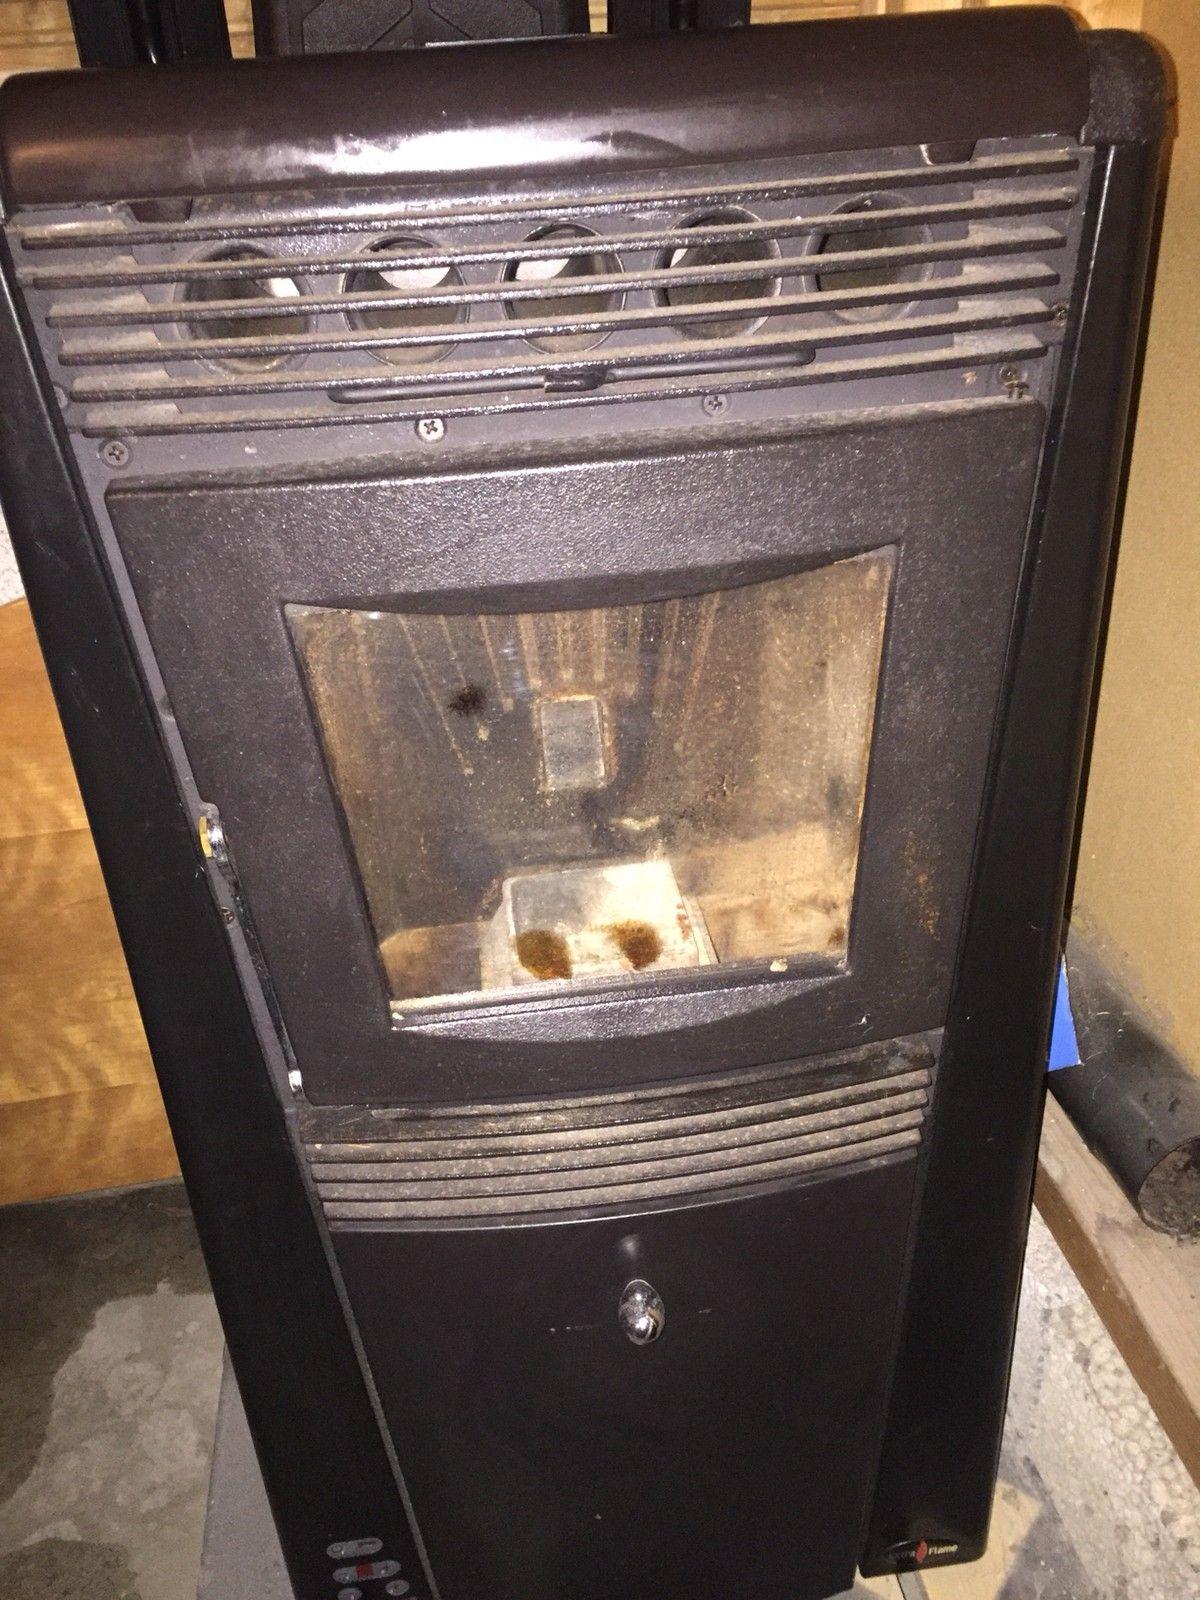 Pellets ovn - Halden  - Pellets kamin fra 2005, ikke brukt dem 3 siste årene. Ny pris 17 000.- ingen bruksmerker.  Følger med brukerveiledning, timer og fjernkontroll - Halden